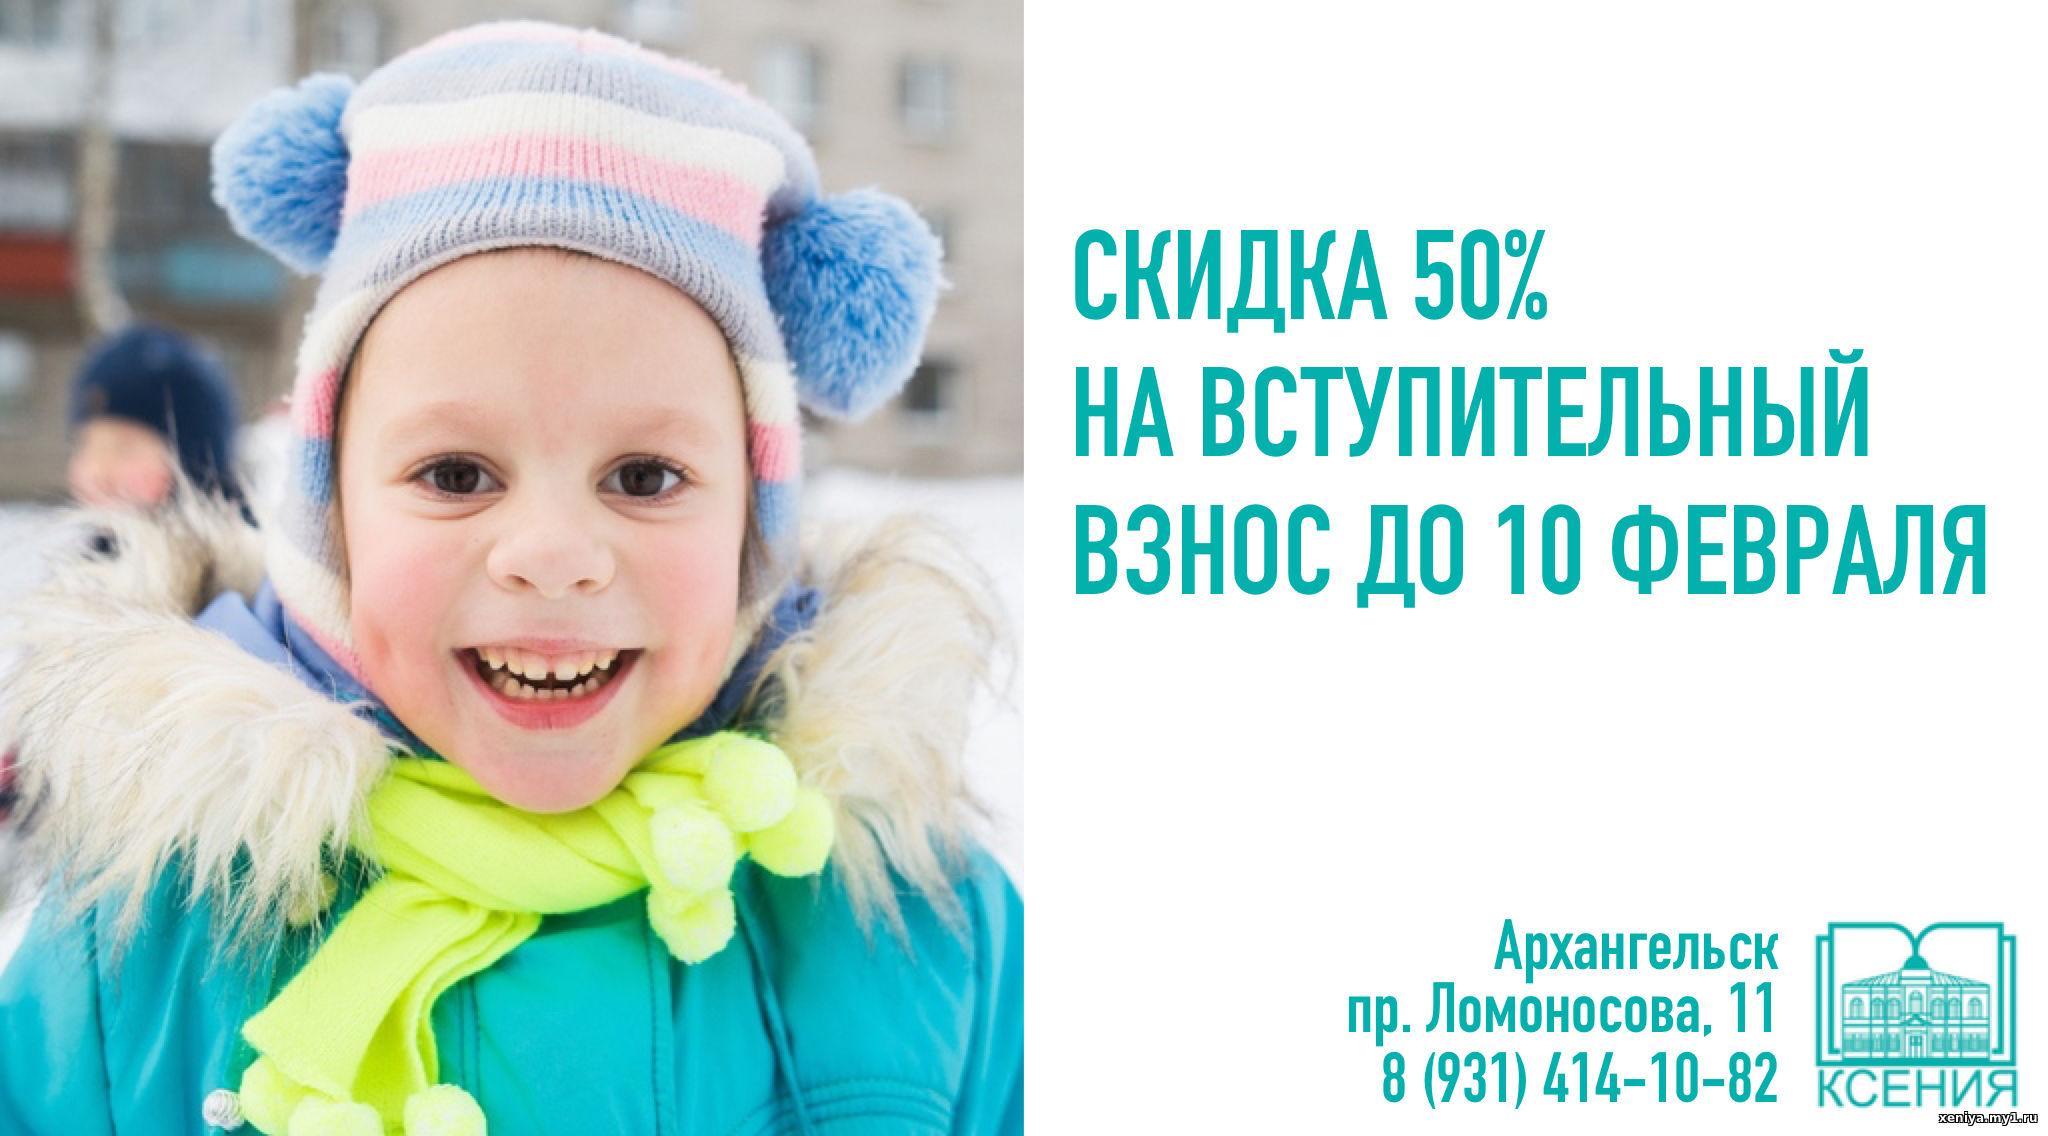 reklamma.jpg